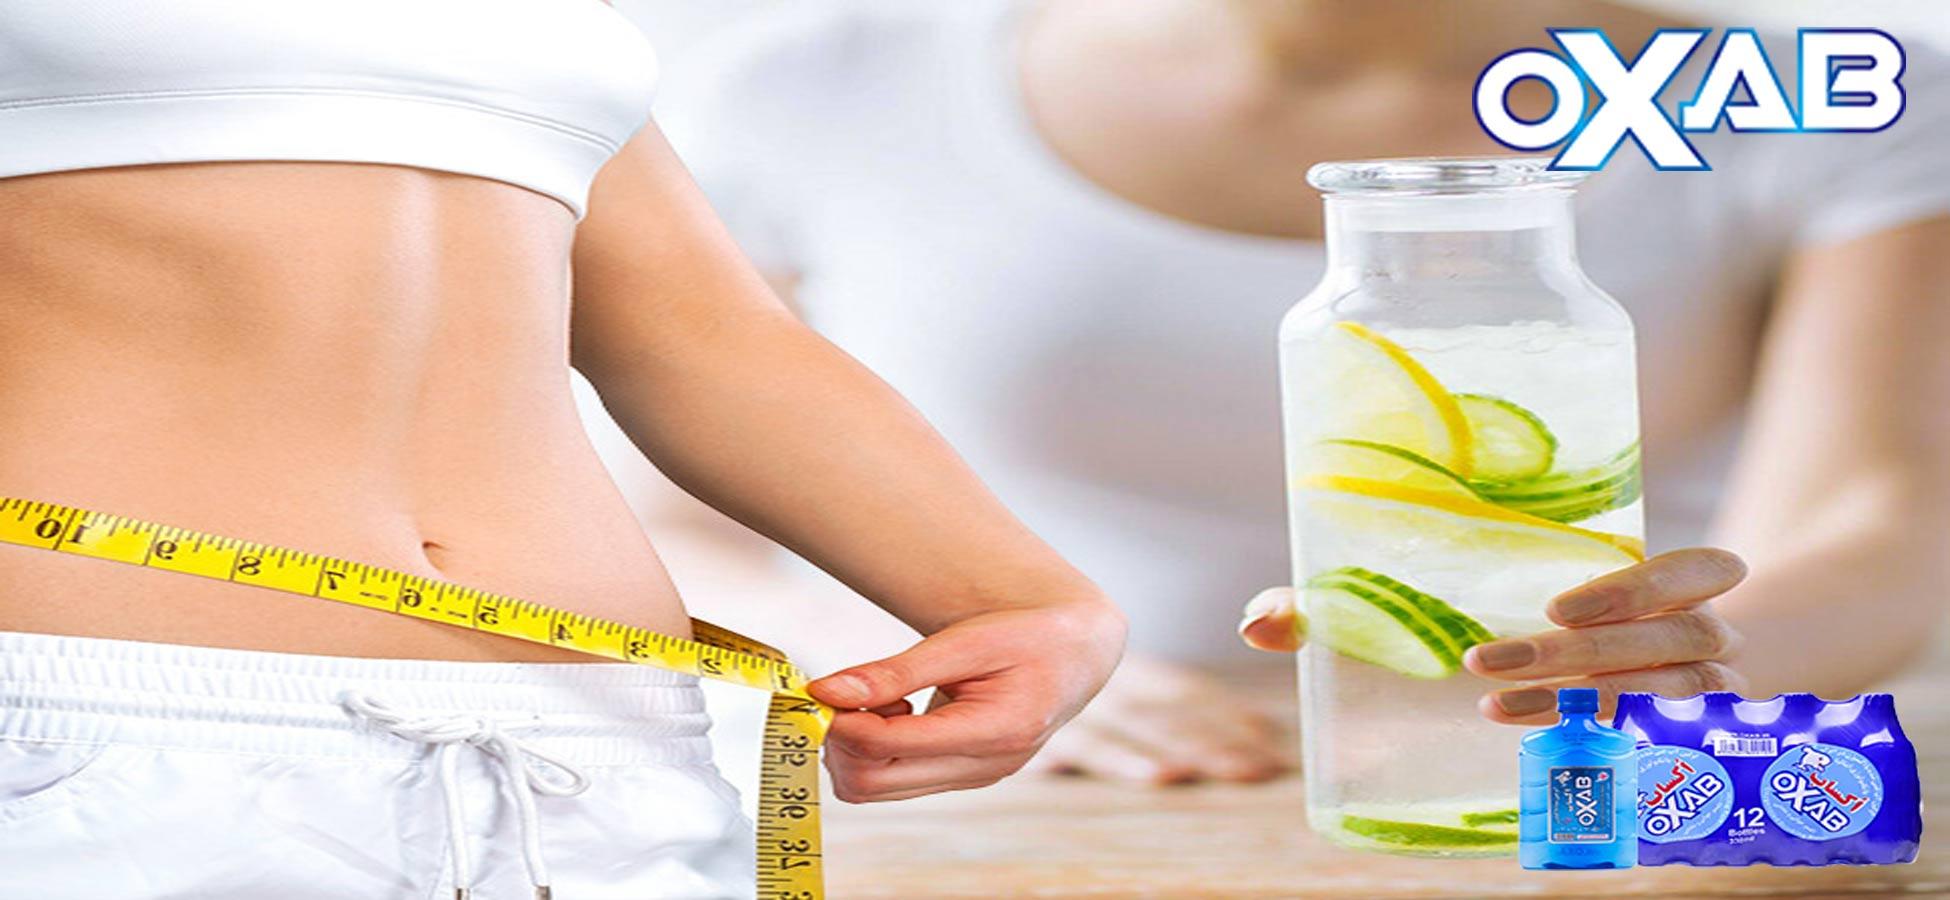 روش های کاهش وزن با آب